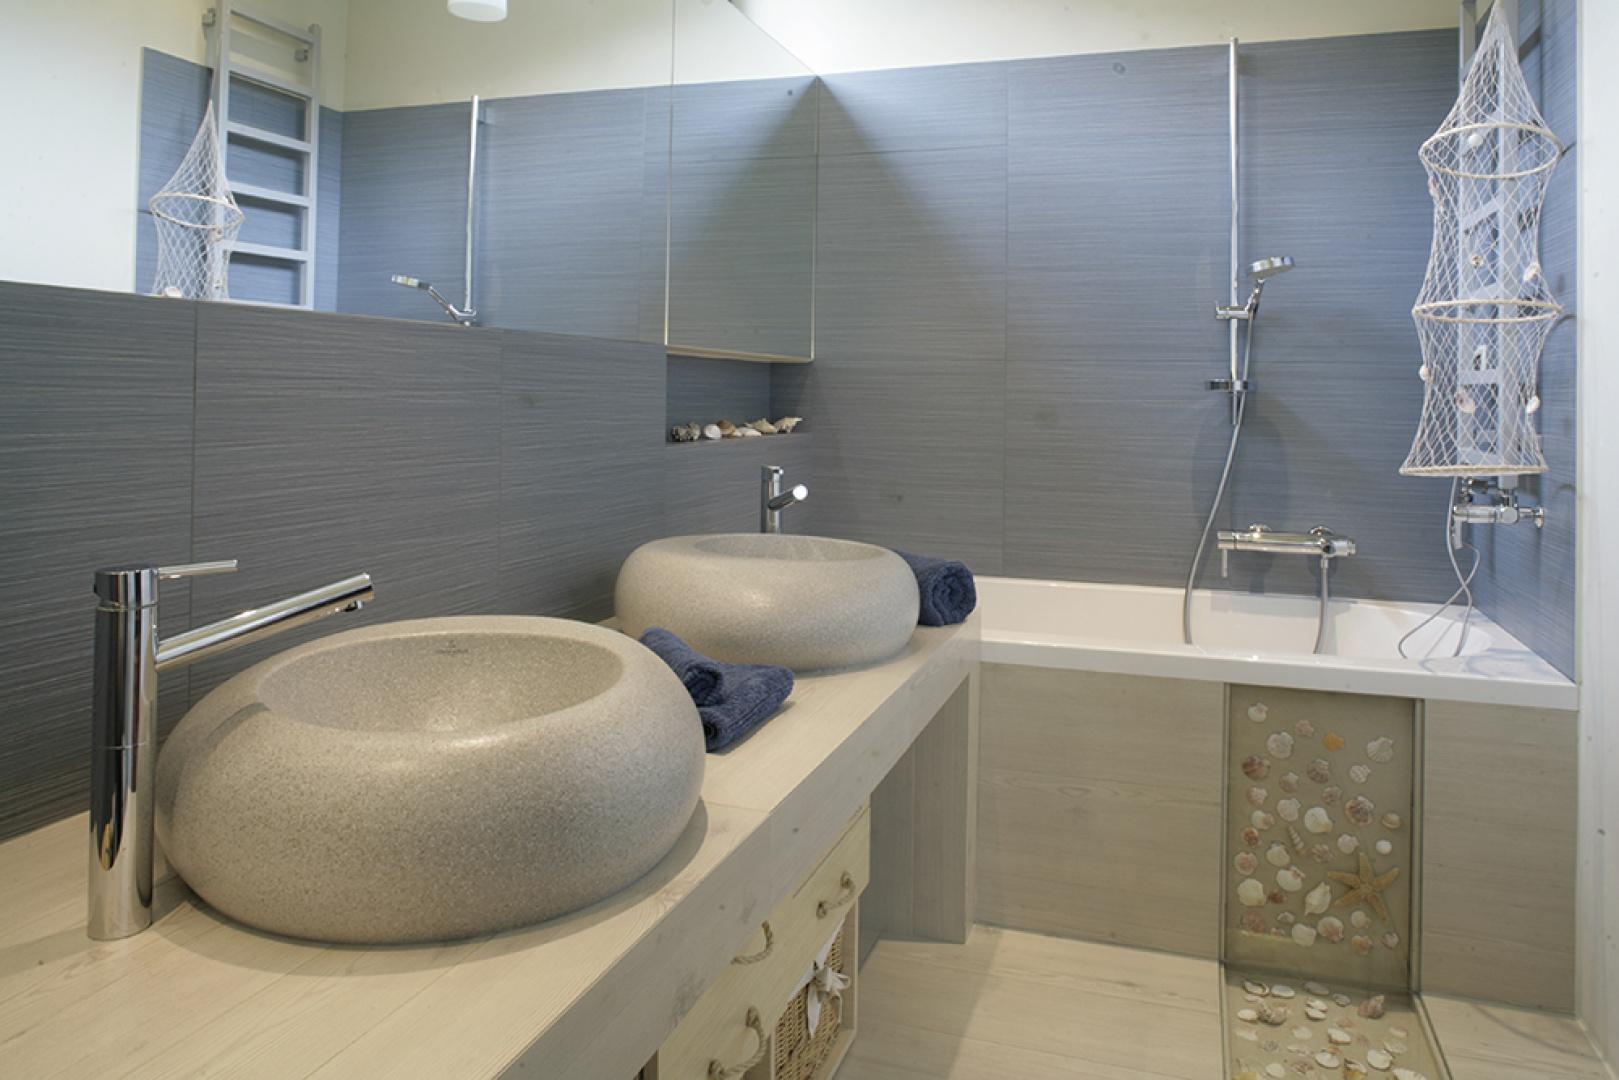 Nad umywalkami widać dużą taflę prostokątnego lustra, które optycznie powiększa łazienkę. Wyżej – nieocenione jako źródło światła okno. Fot. Monika Filipiuk.